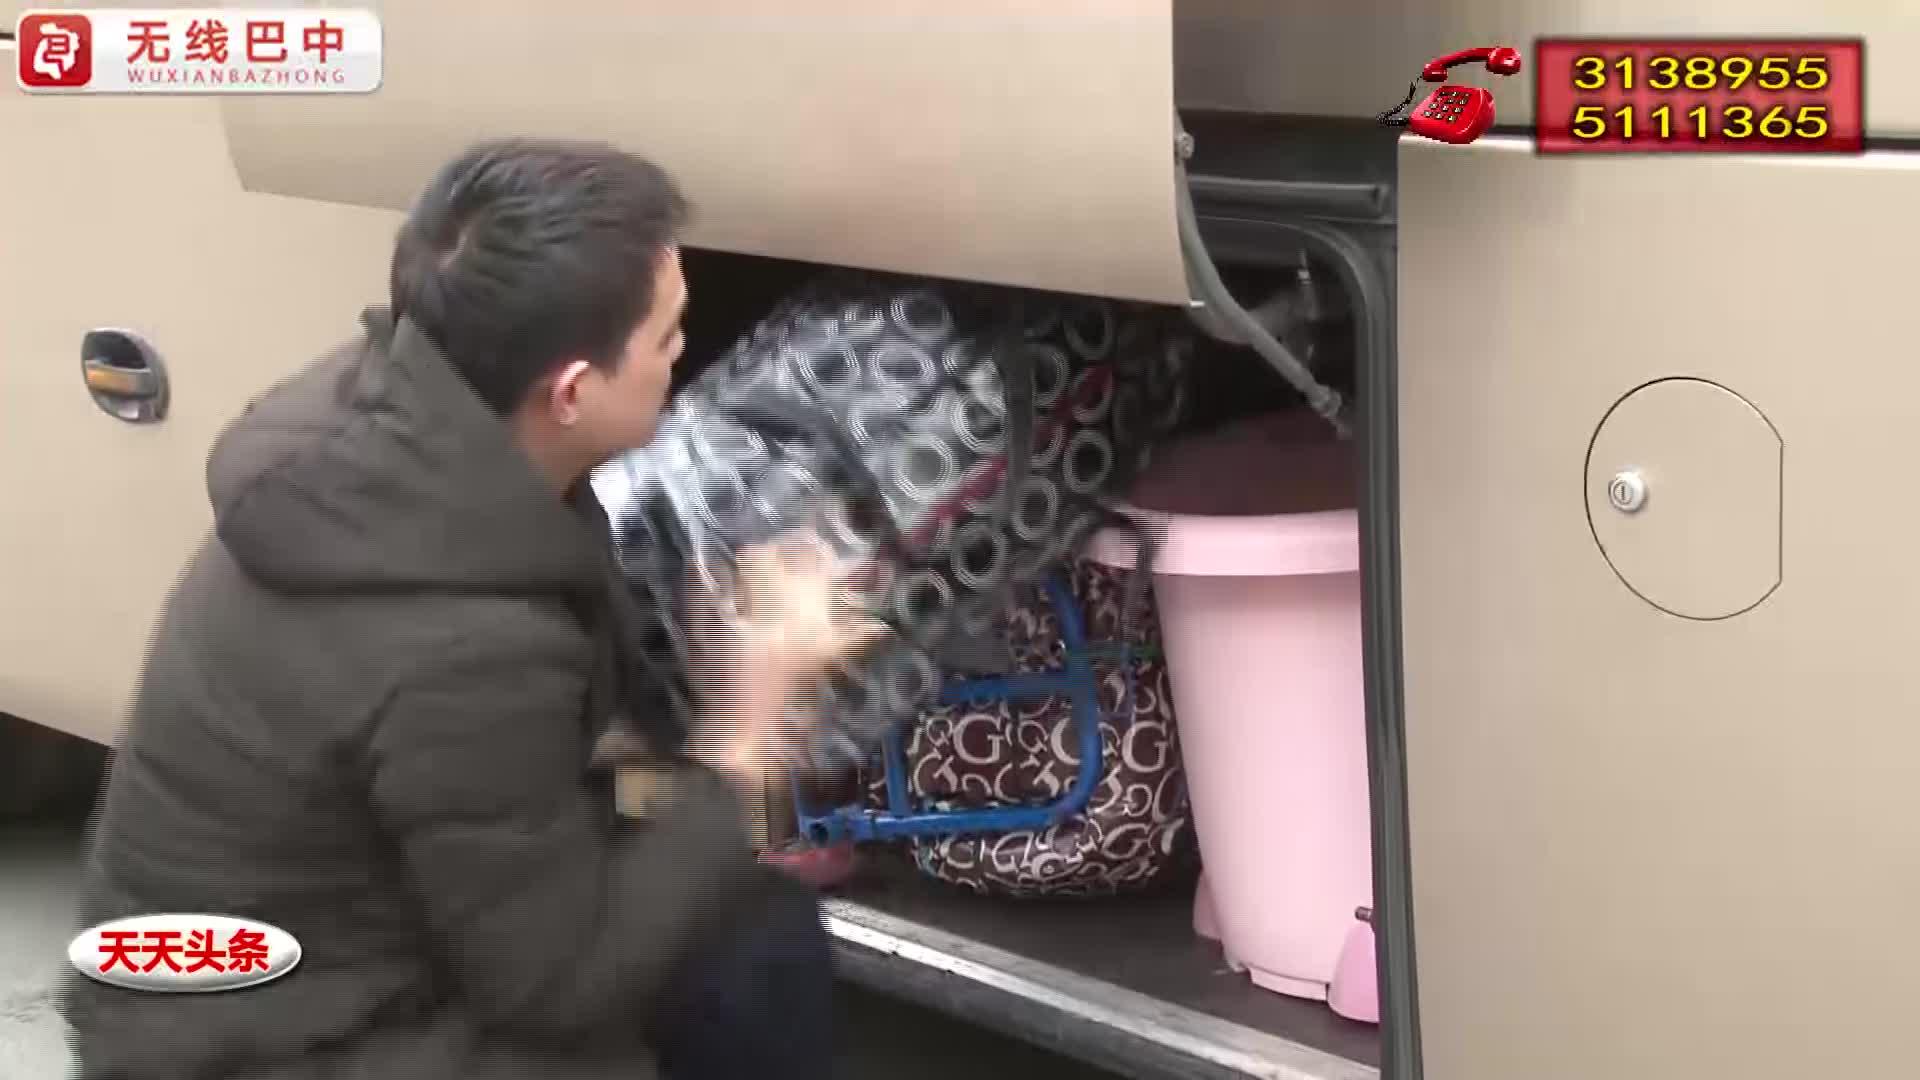 春节将至请看管好您身边的行李